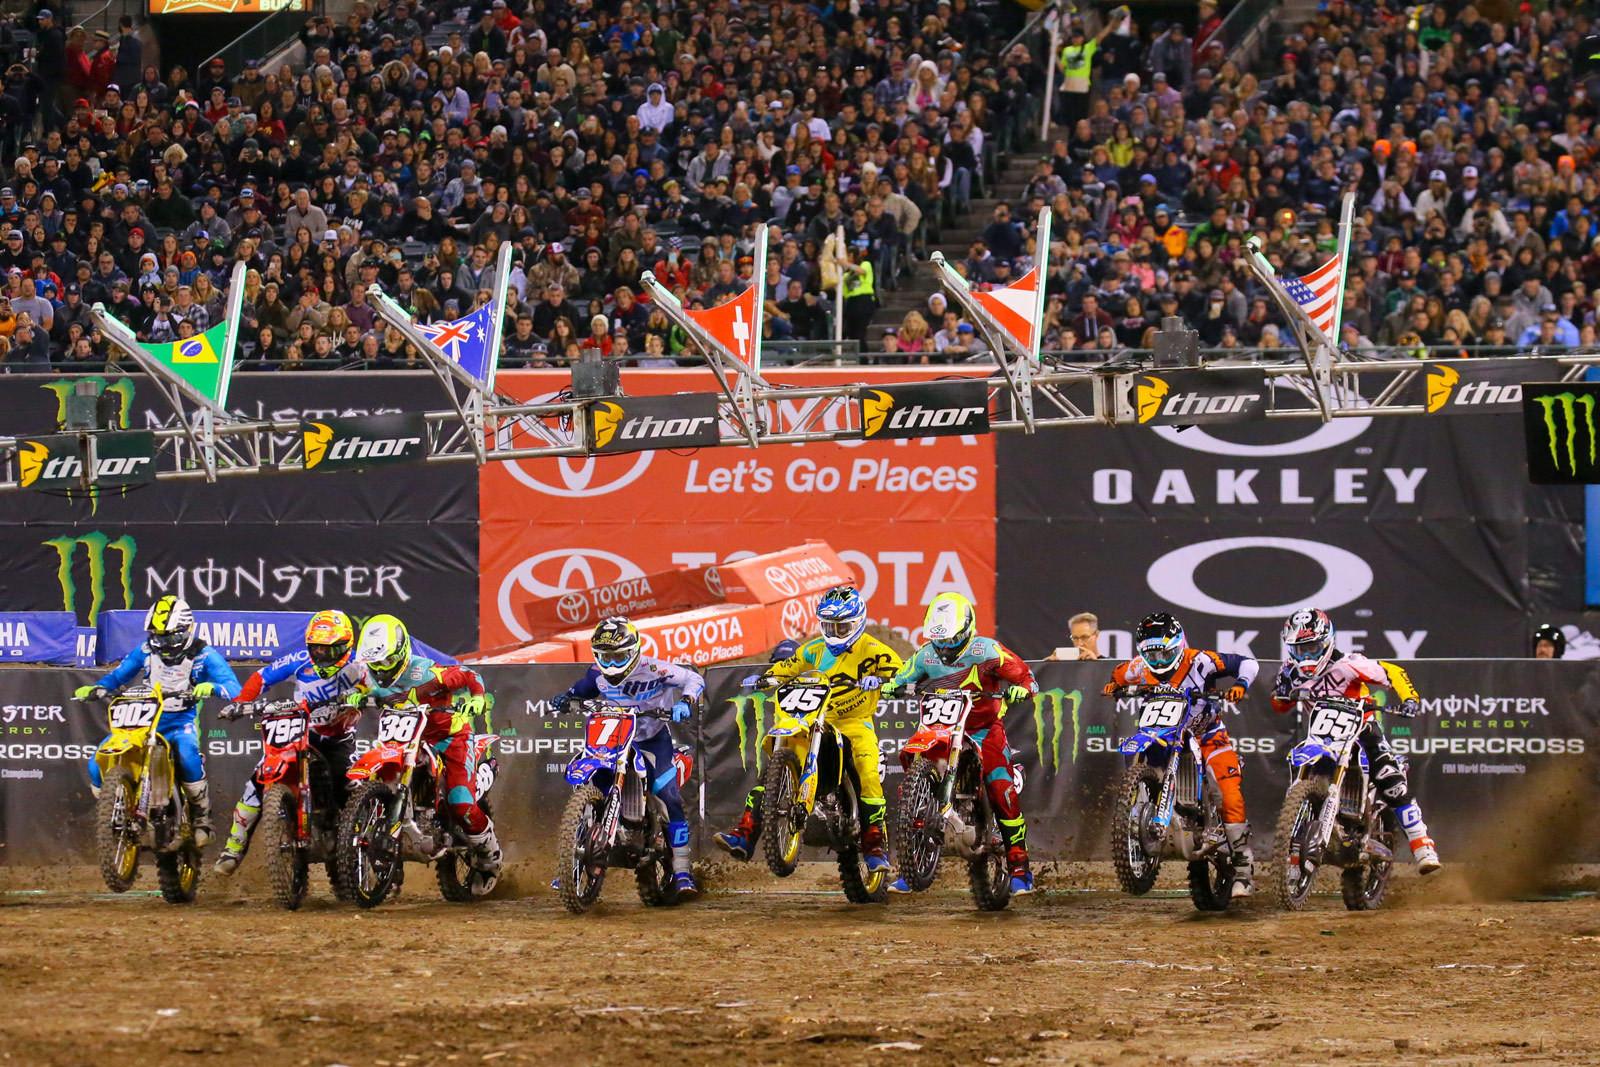 Anaheim 2 250 Heat Race 1 start - Photo Blast: Anaheim 2 - Motocross Pictures - Vital MX